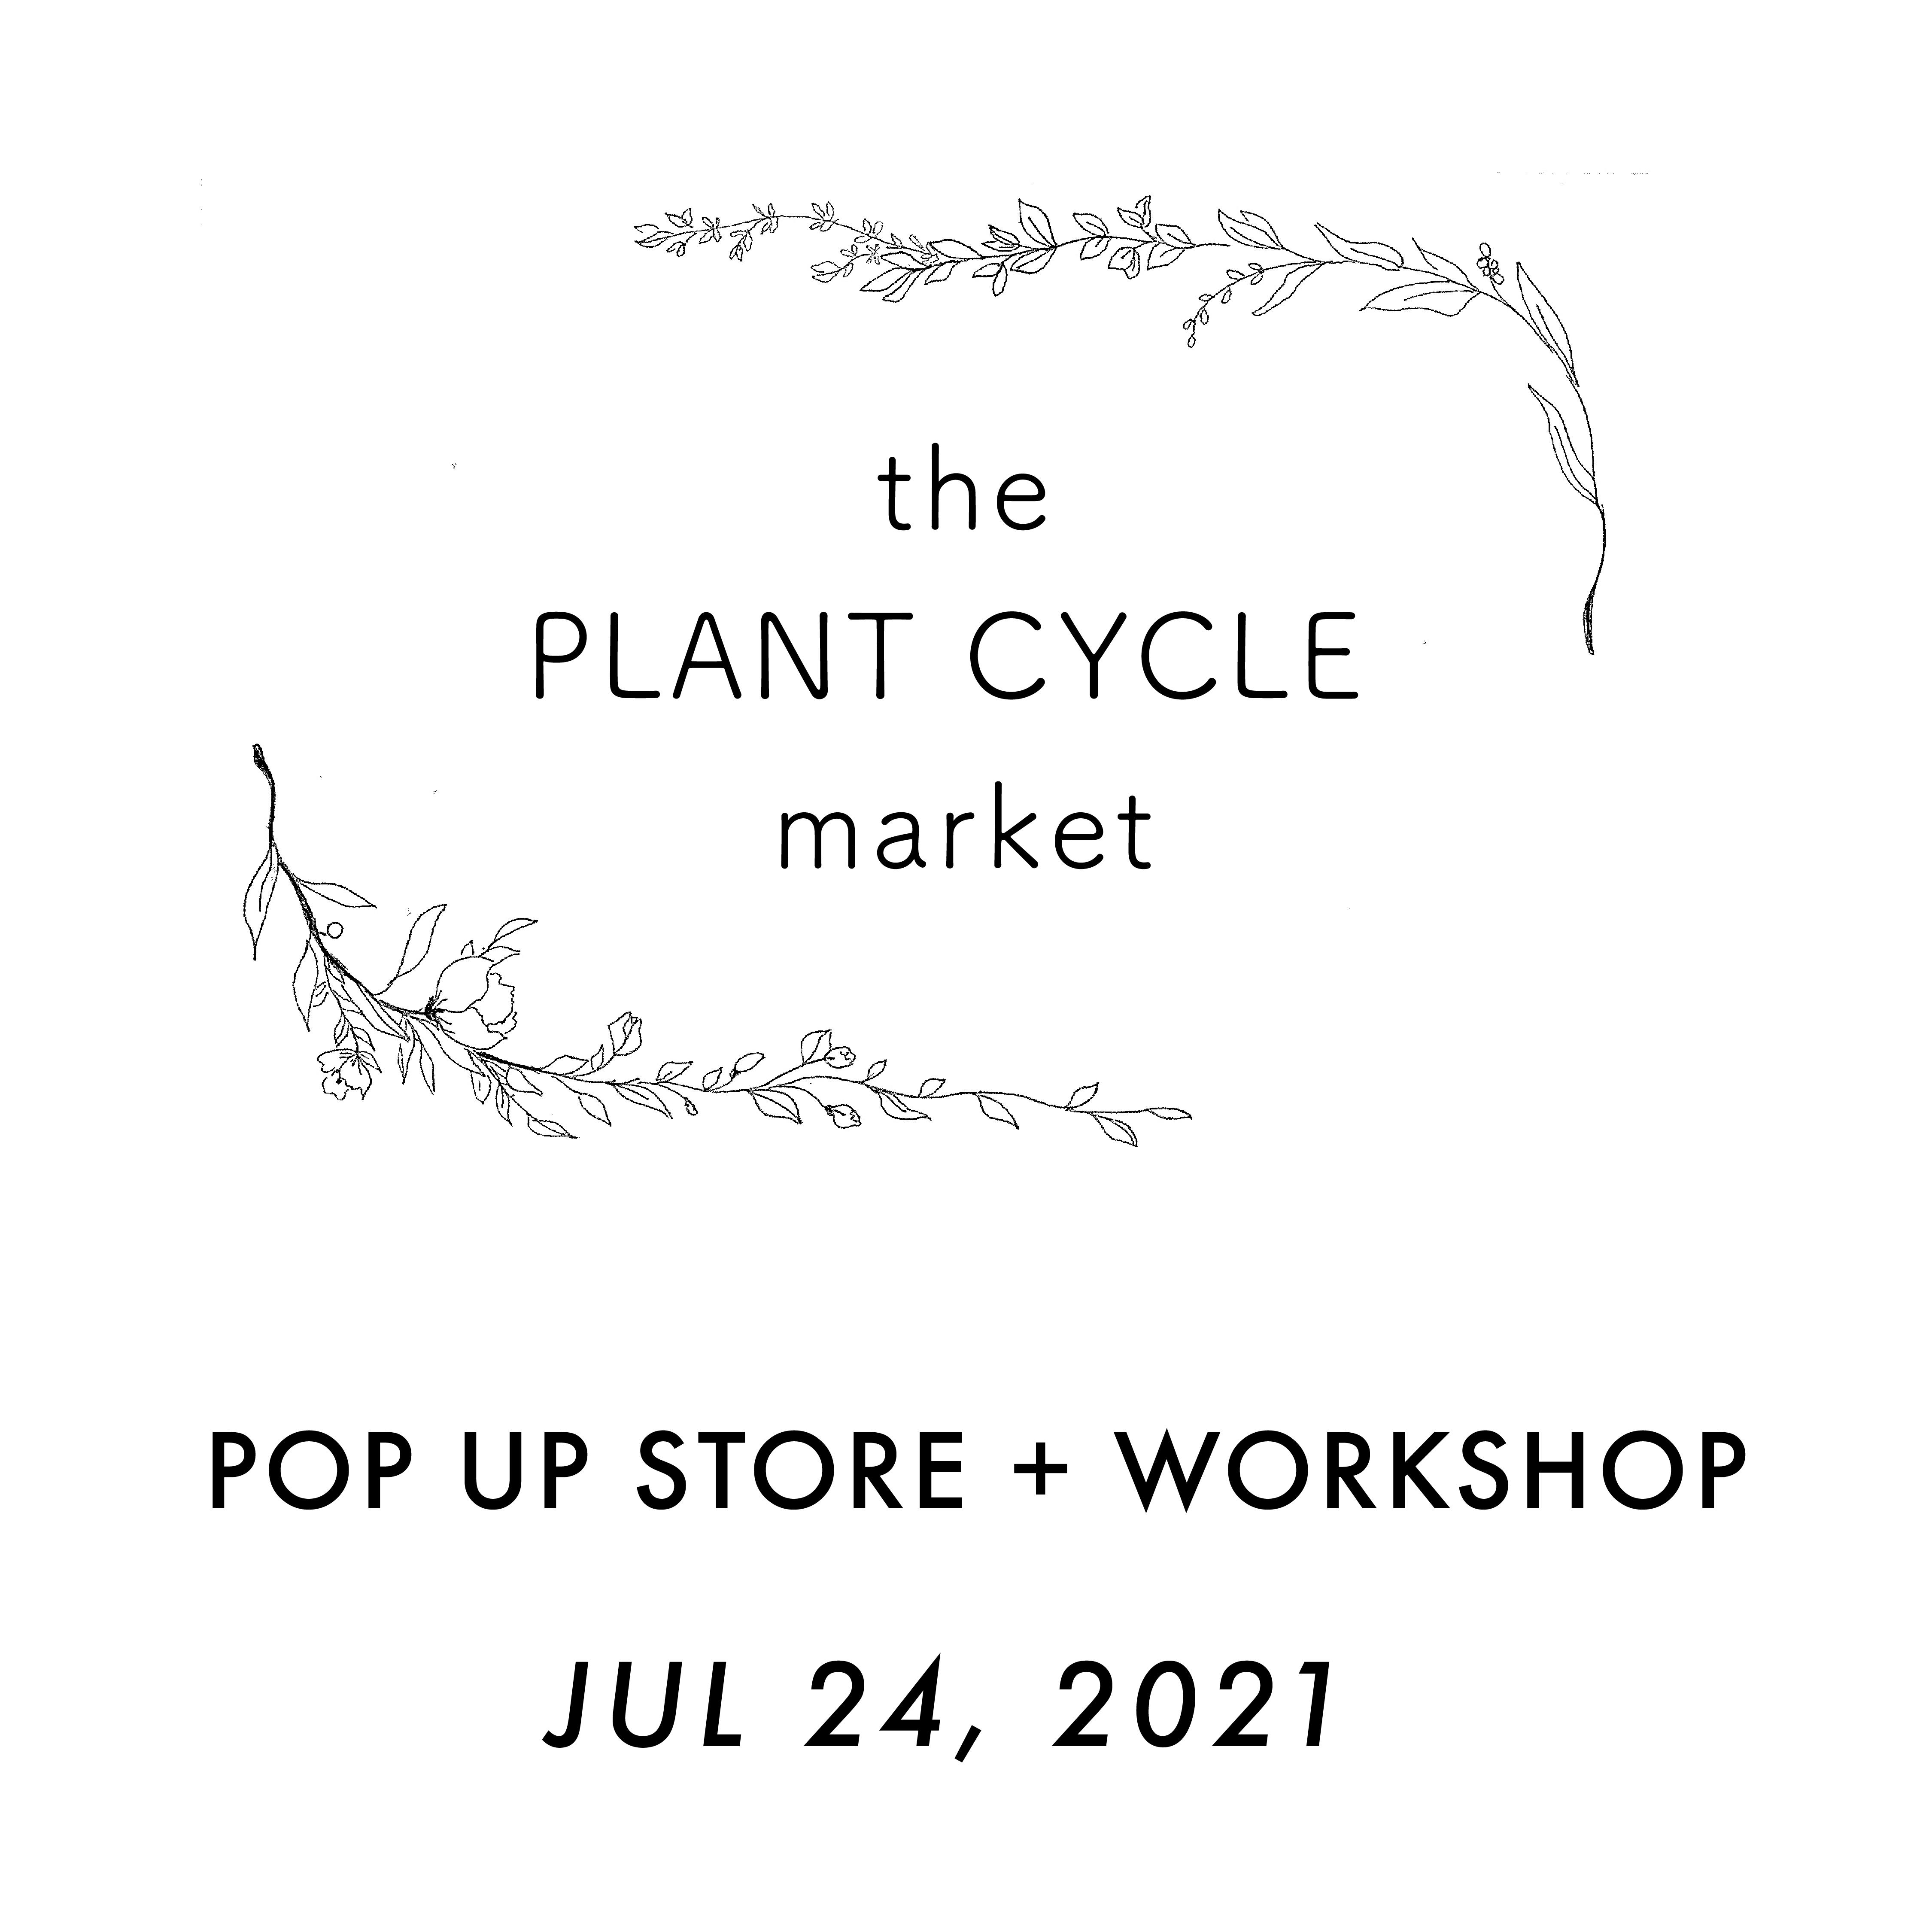 7月24日 the PLANT CYCLE market 開催@大阪